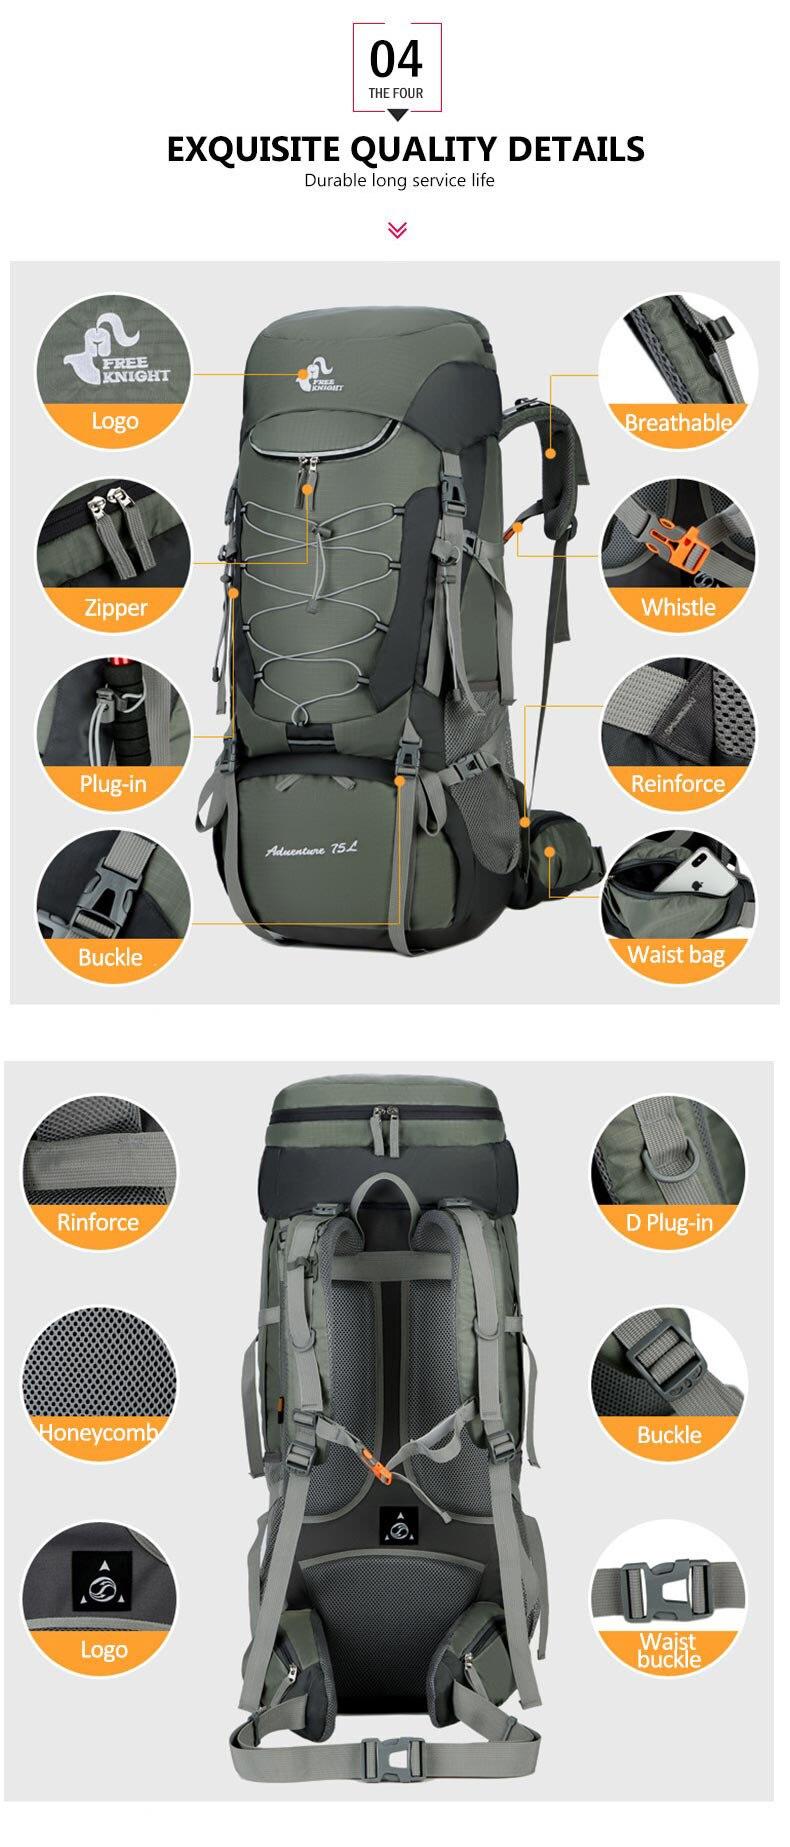 75l mochilas de acampamento caminhadas saco esporte